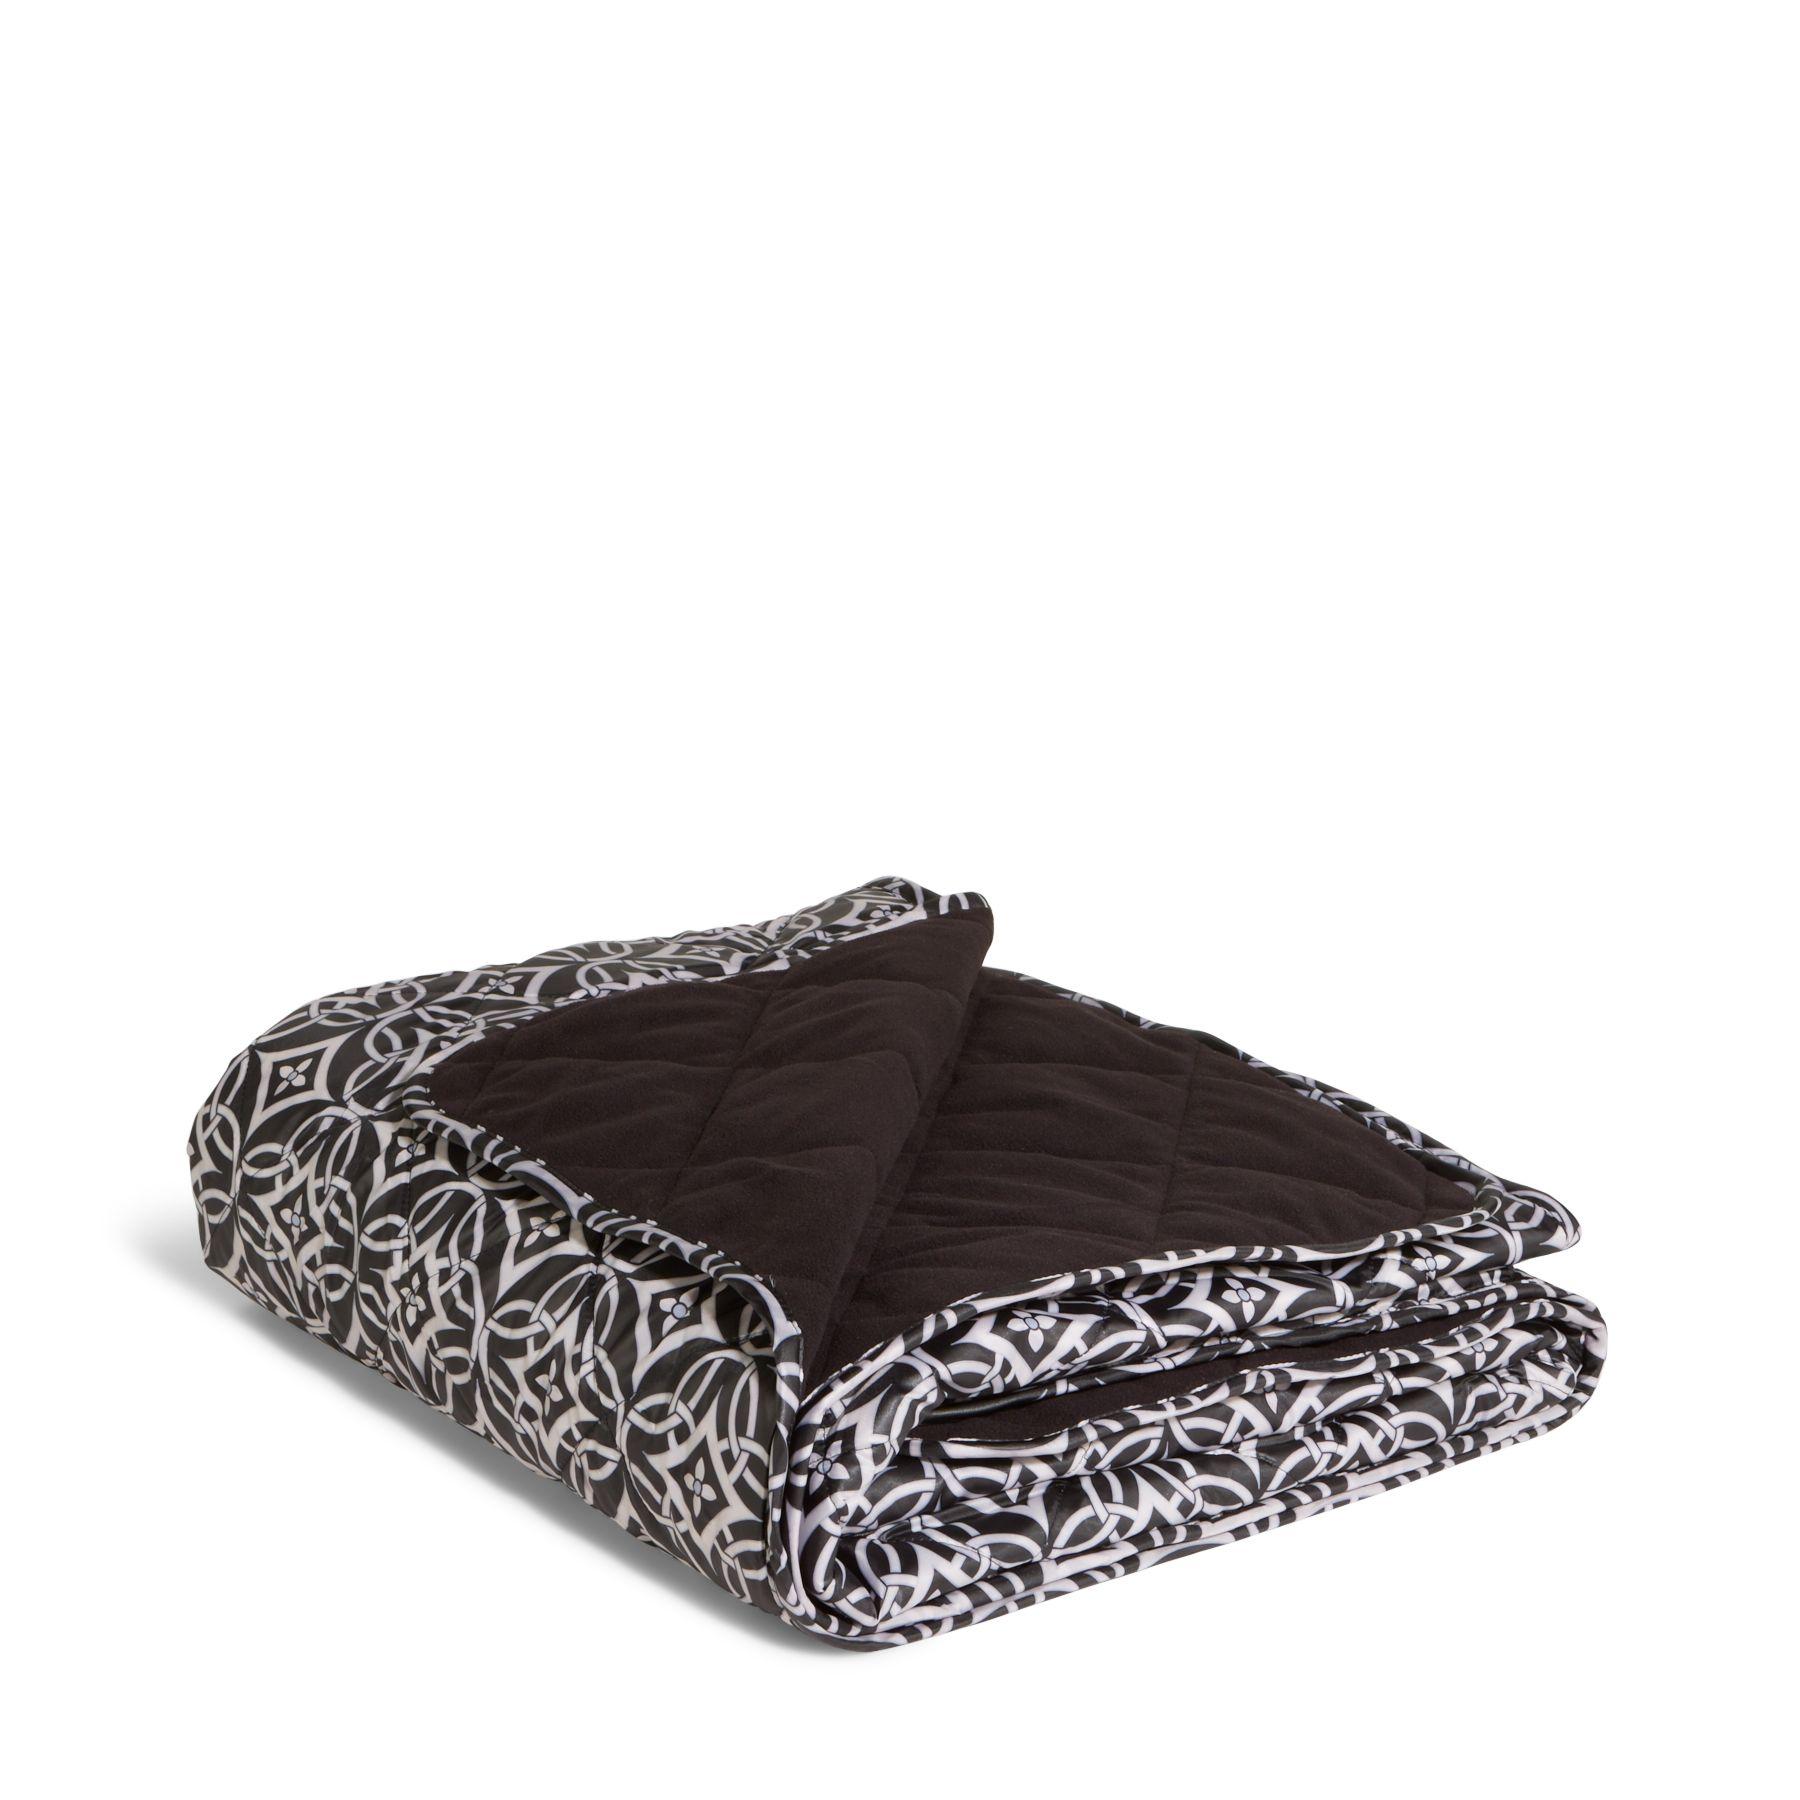 Vera Bradley Quilted Fleece Blanket Ebay